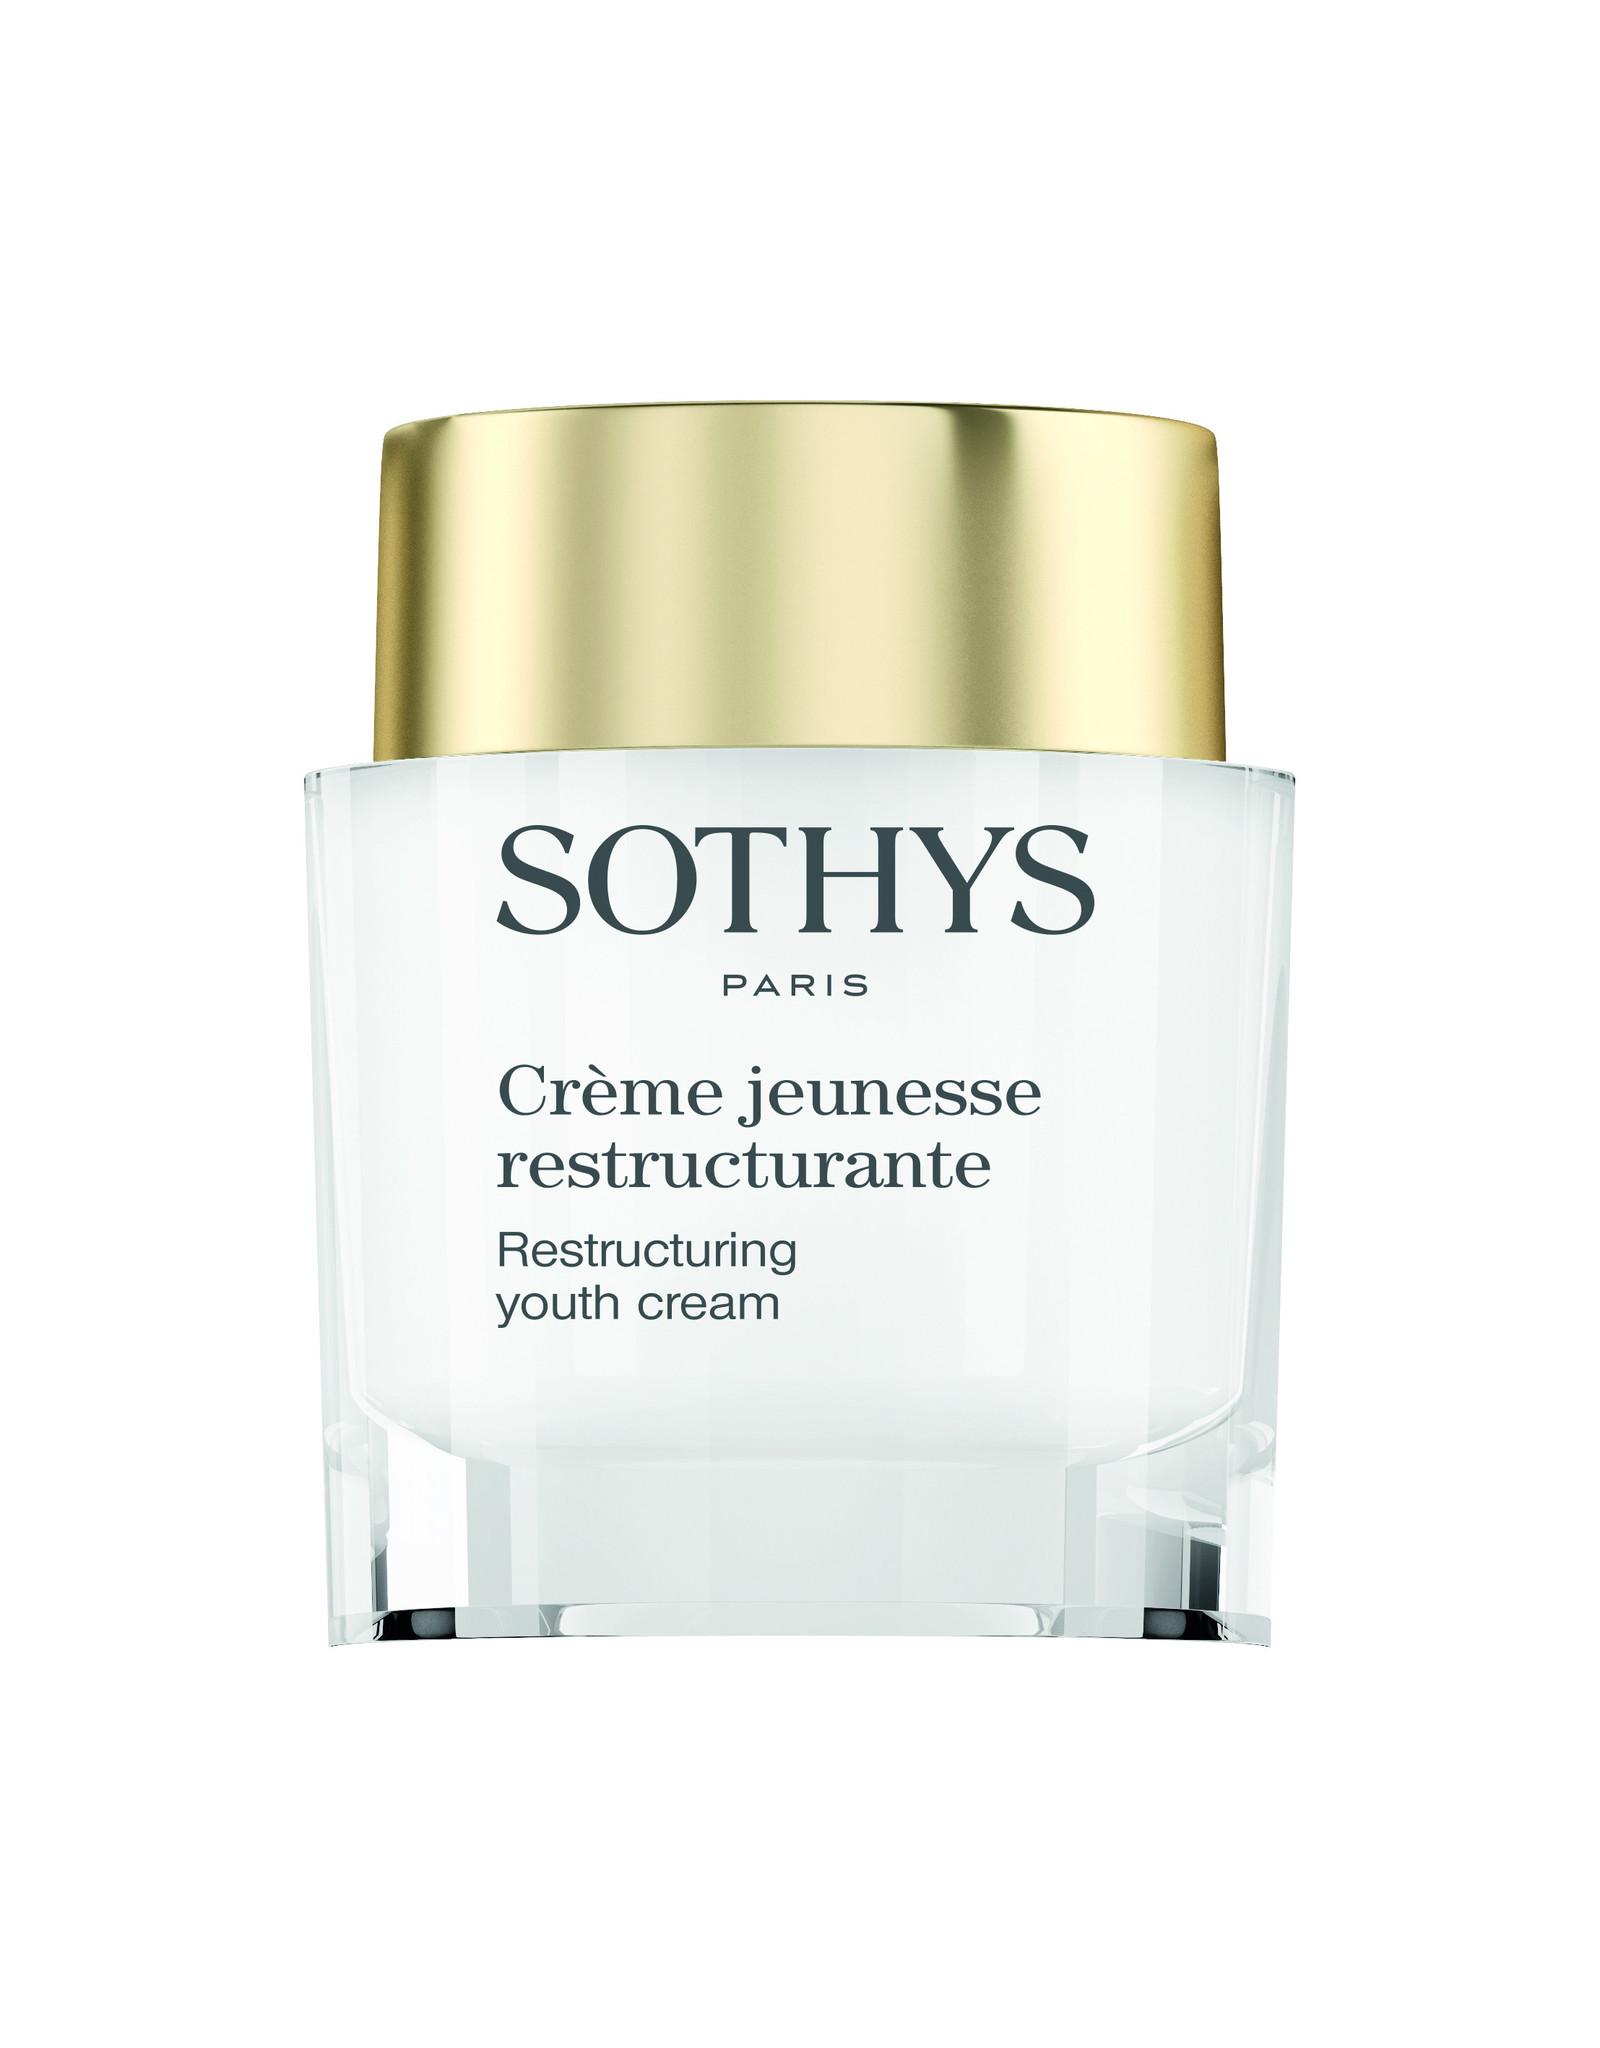 SOTHYS Crème jeunesse restructurante - Sothys